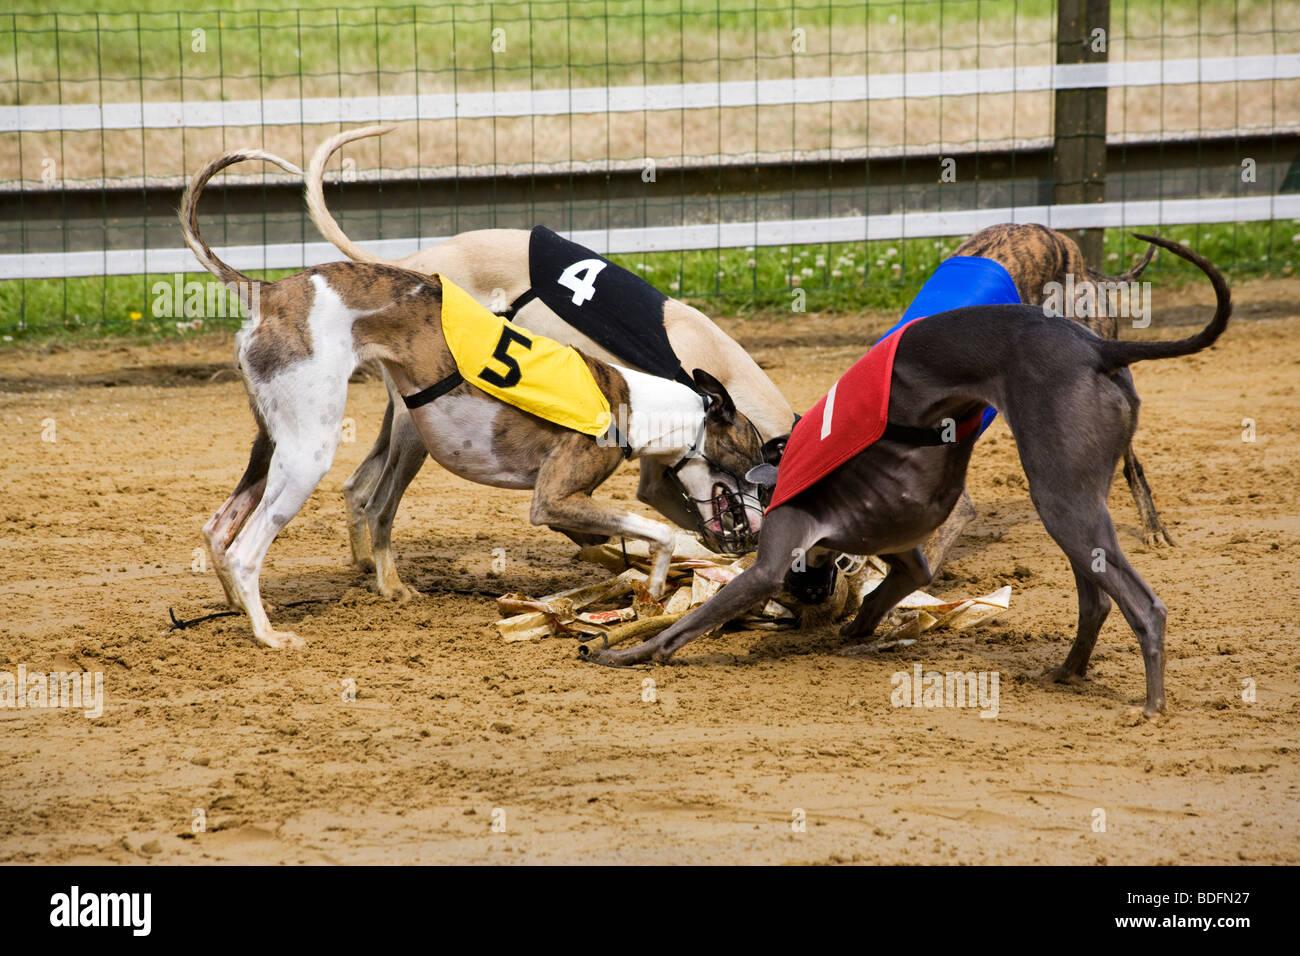 Quatre combats de chiens Greyhound pour faux après la course Photo Stock